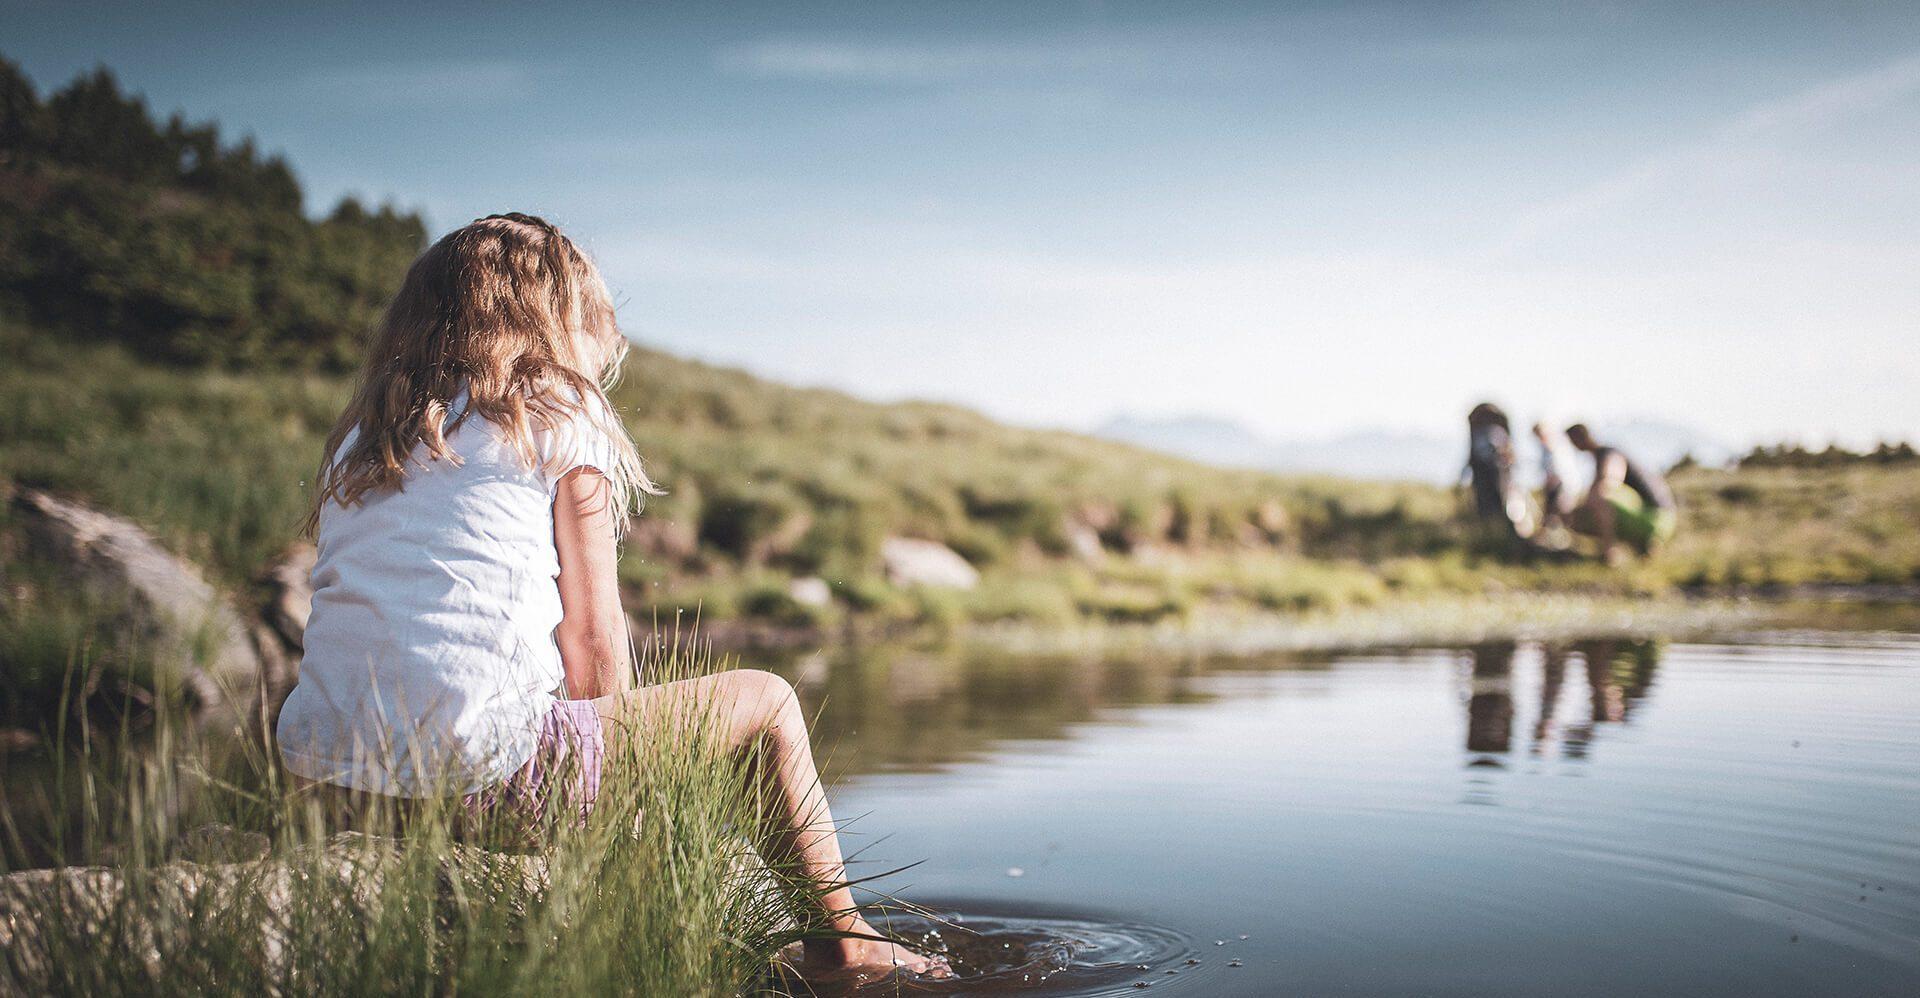 Mädchen in der Natur am See